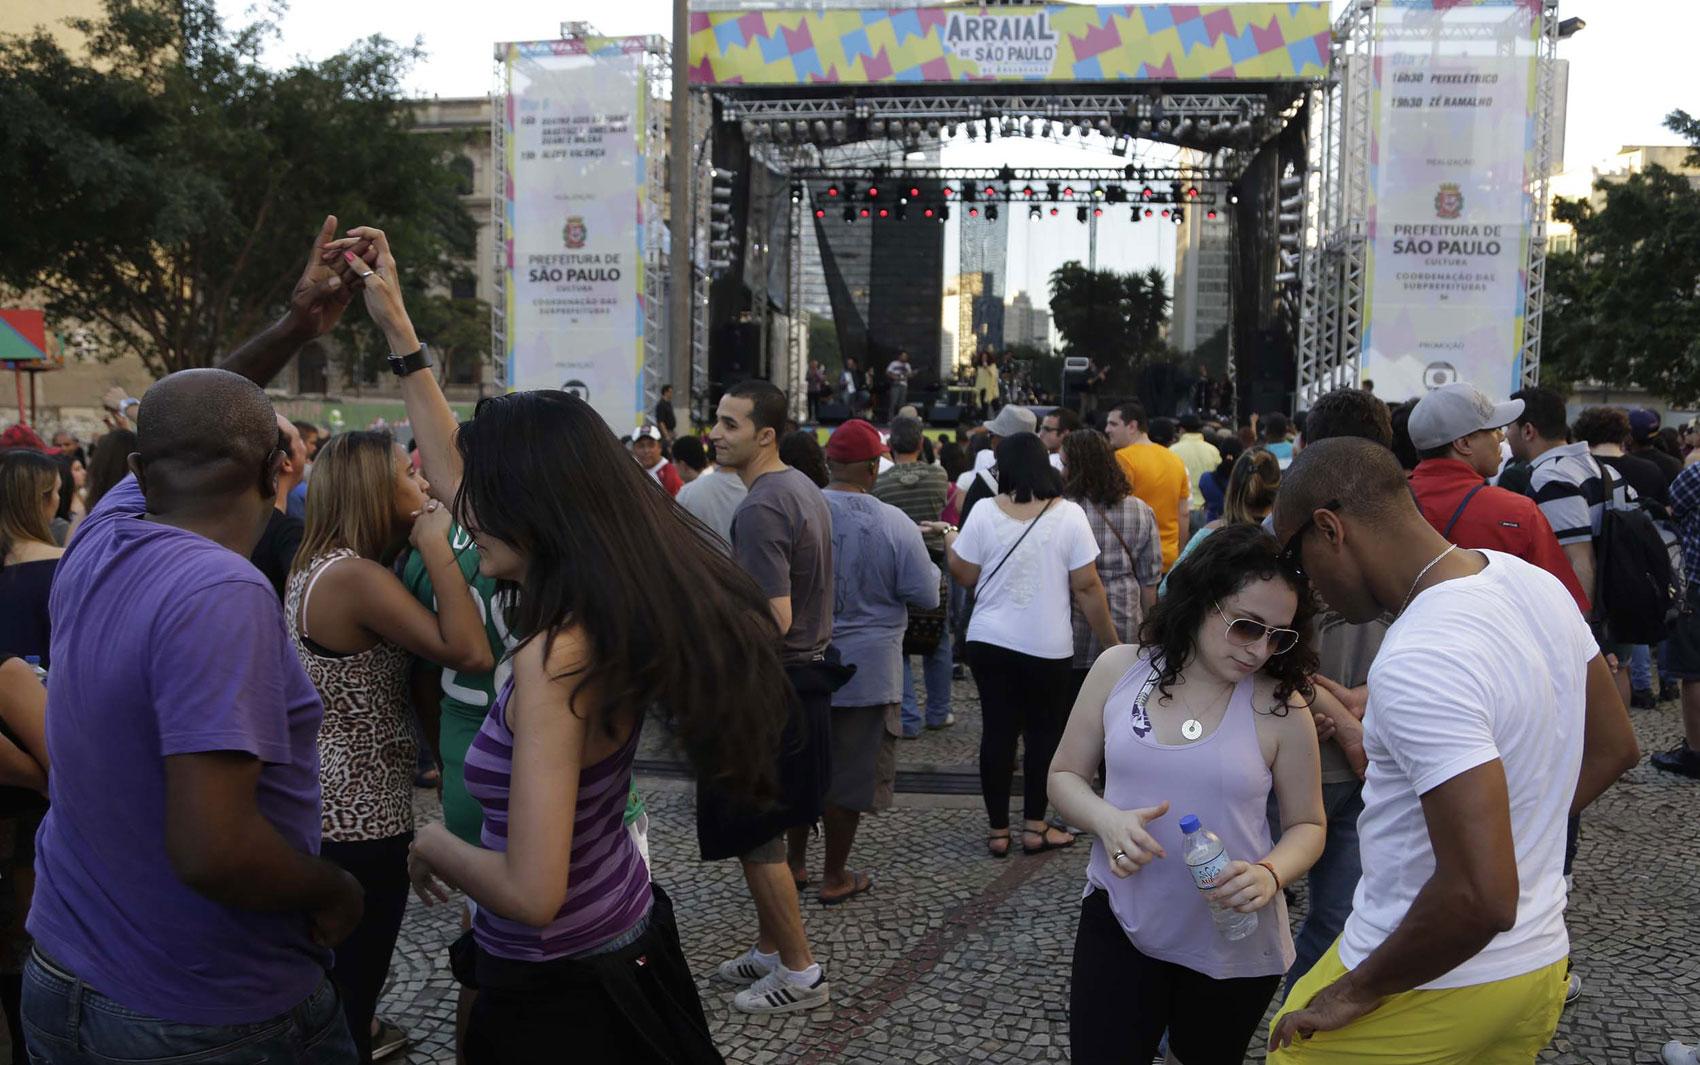 Público dança durante show gratuito no Vale do Anhangabaú